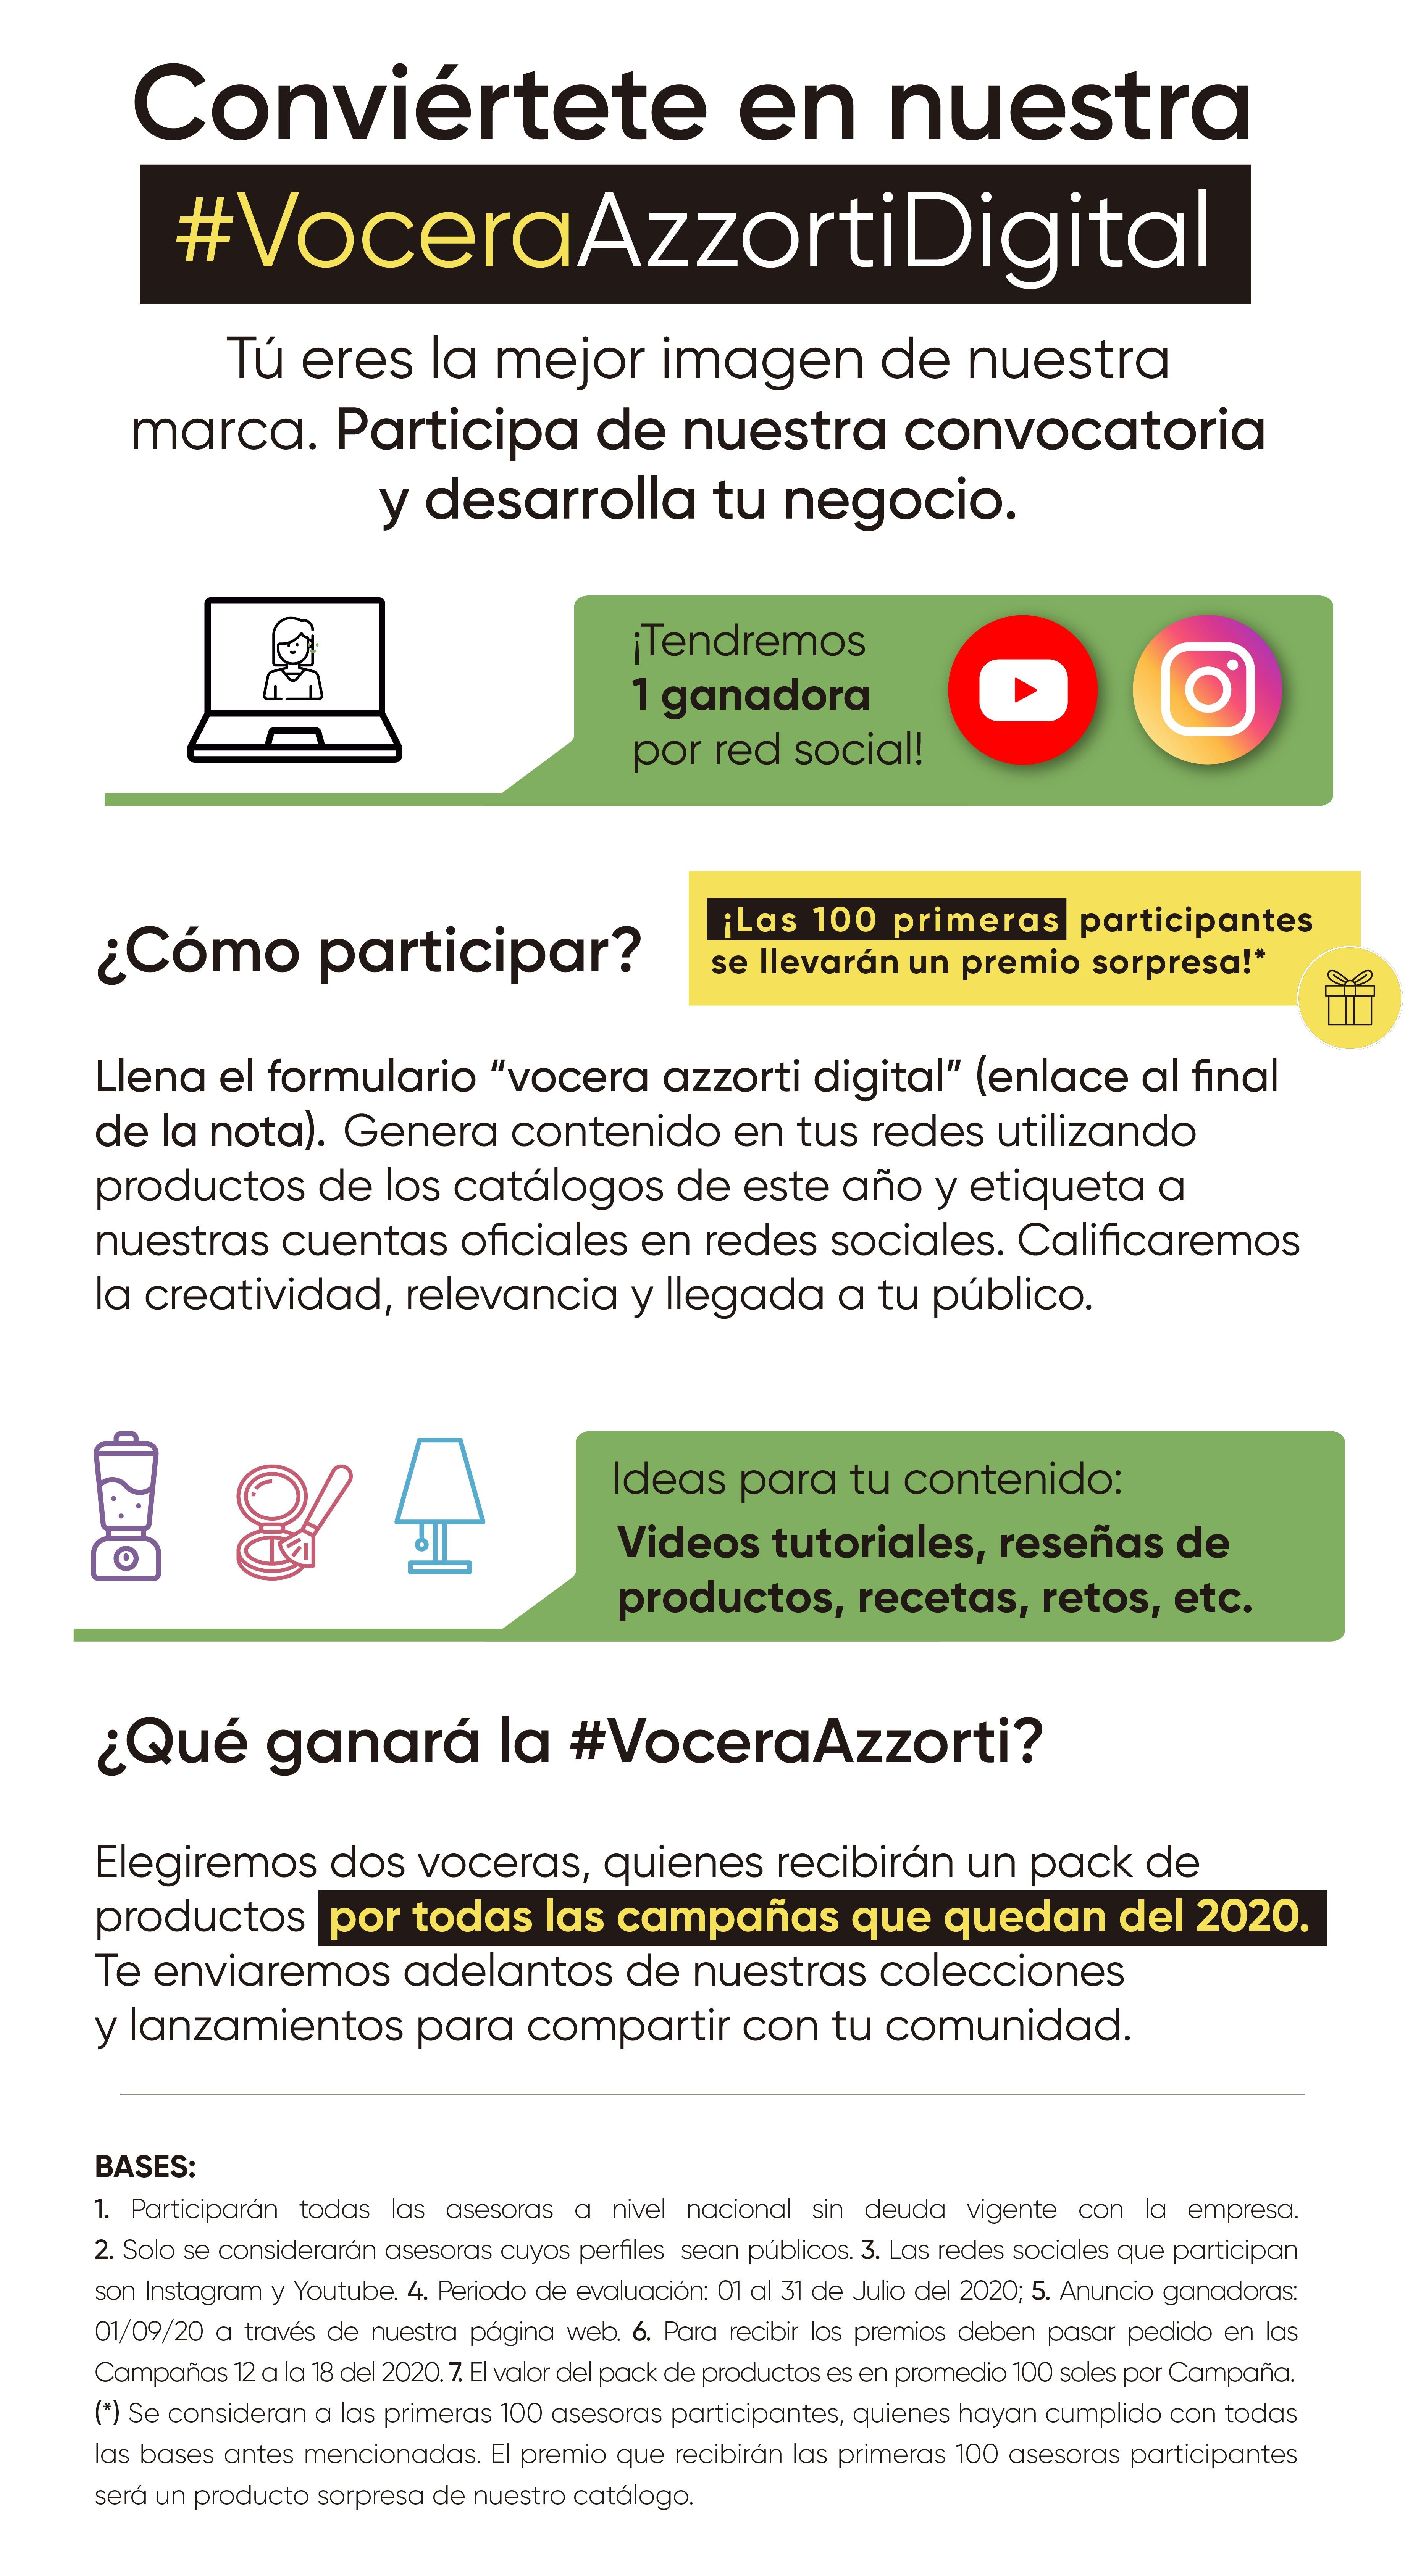 nota-vocazzorti-05